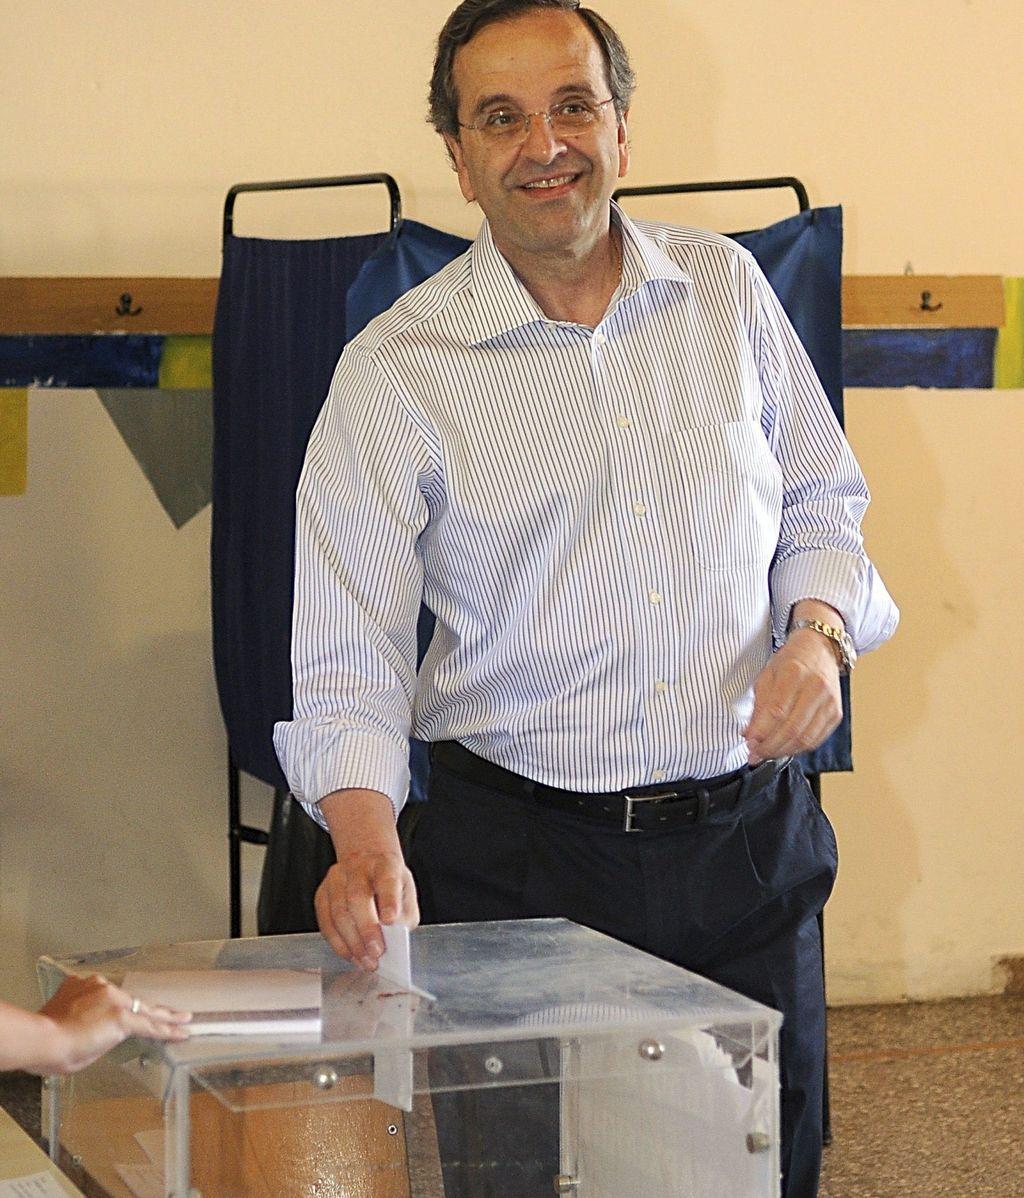 Antonio Samarás, líder del partido conservador Nueva Democracia (ND)